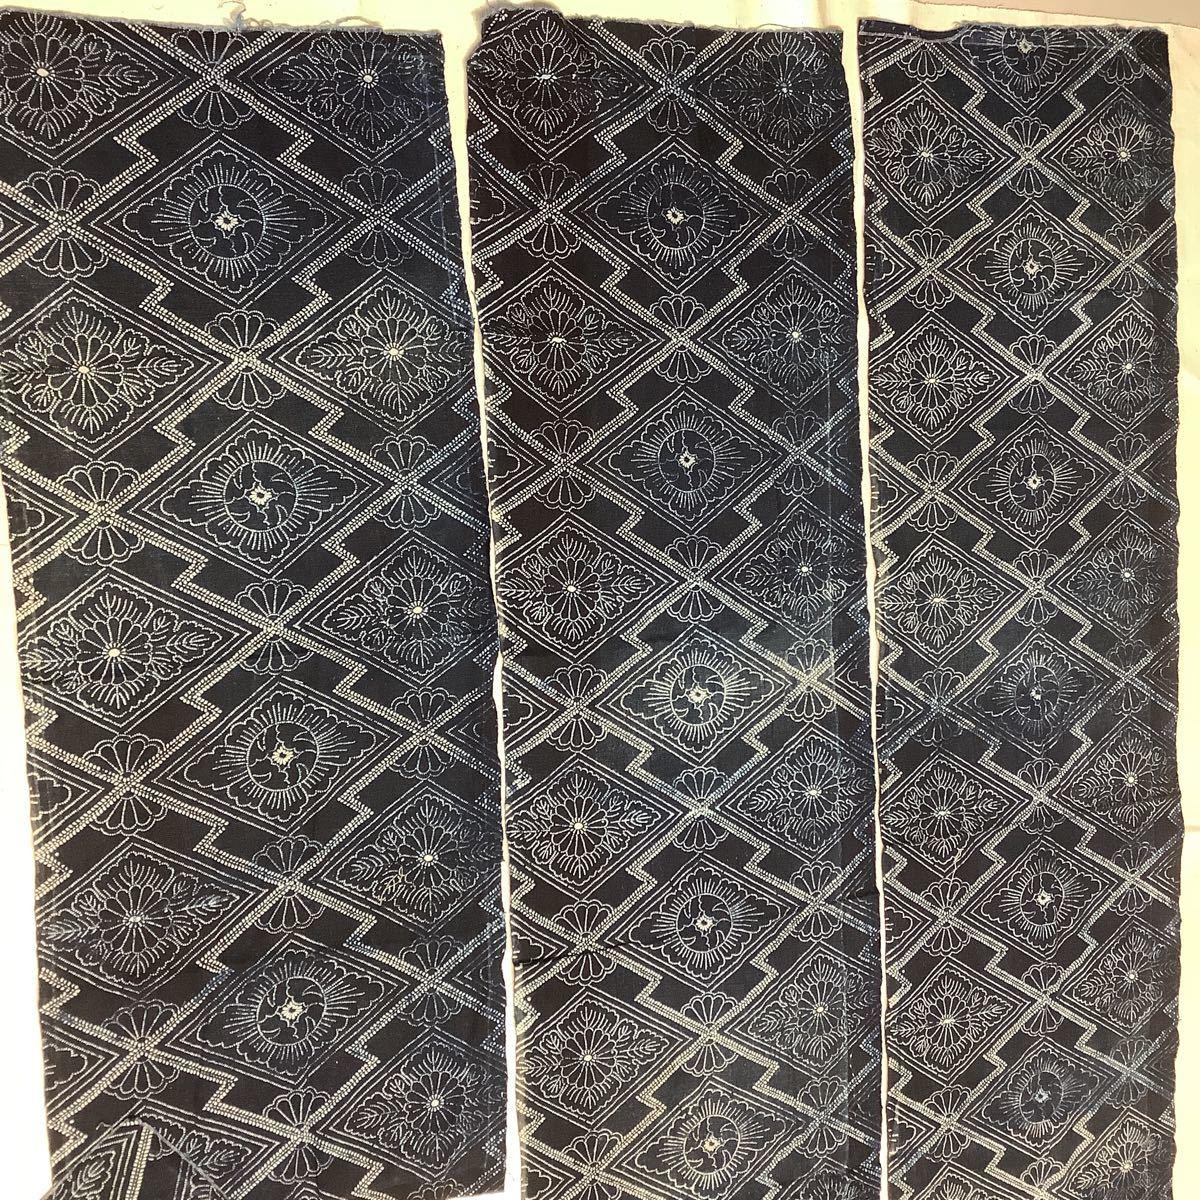 ◆古布前掛け専門屋◆アンティーク◆手織木綿◆本藍染◆型染め◆3幅3巾◆布団側◆刺子襤褸麻書生絣蚊絣雪ん子BOROはぎれ_画像2